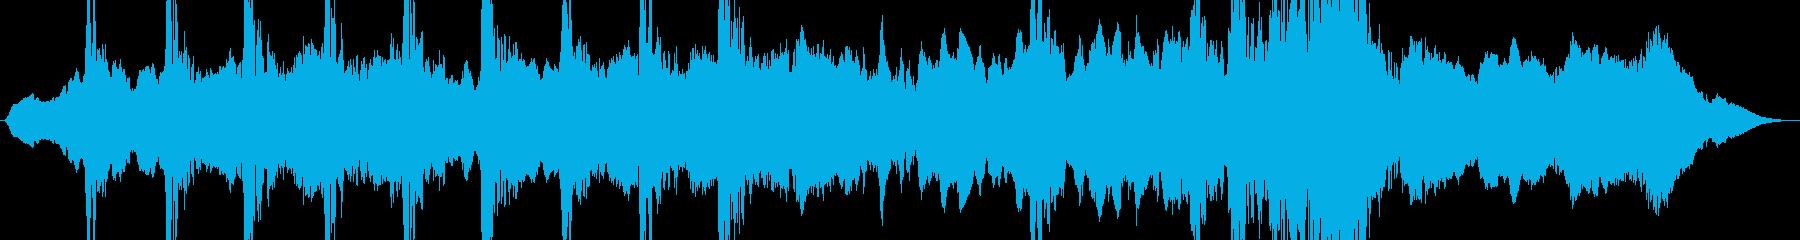 ストリングスで表現したミステリアスな迷宮の再生済みの波形